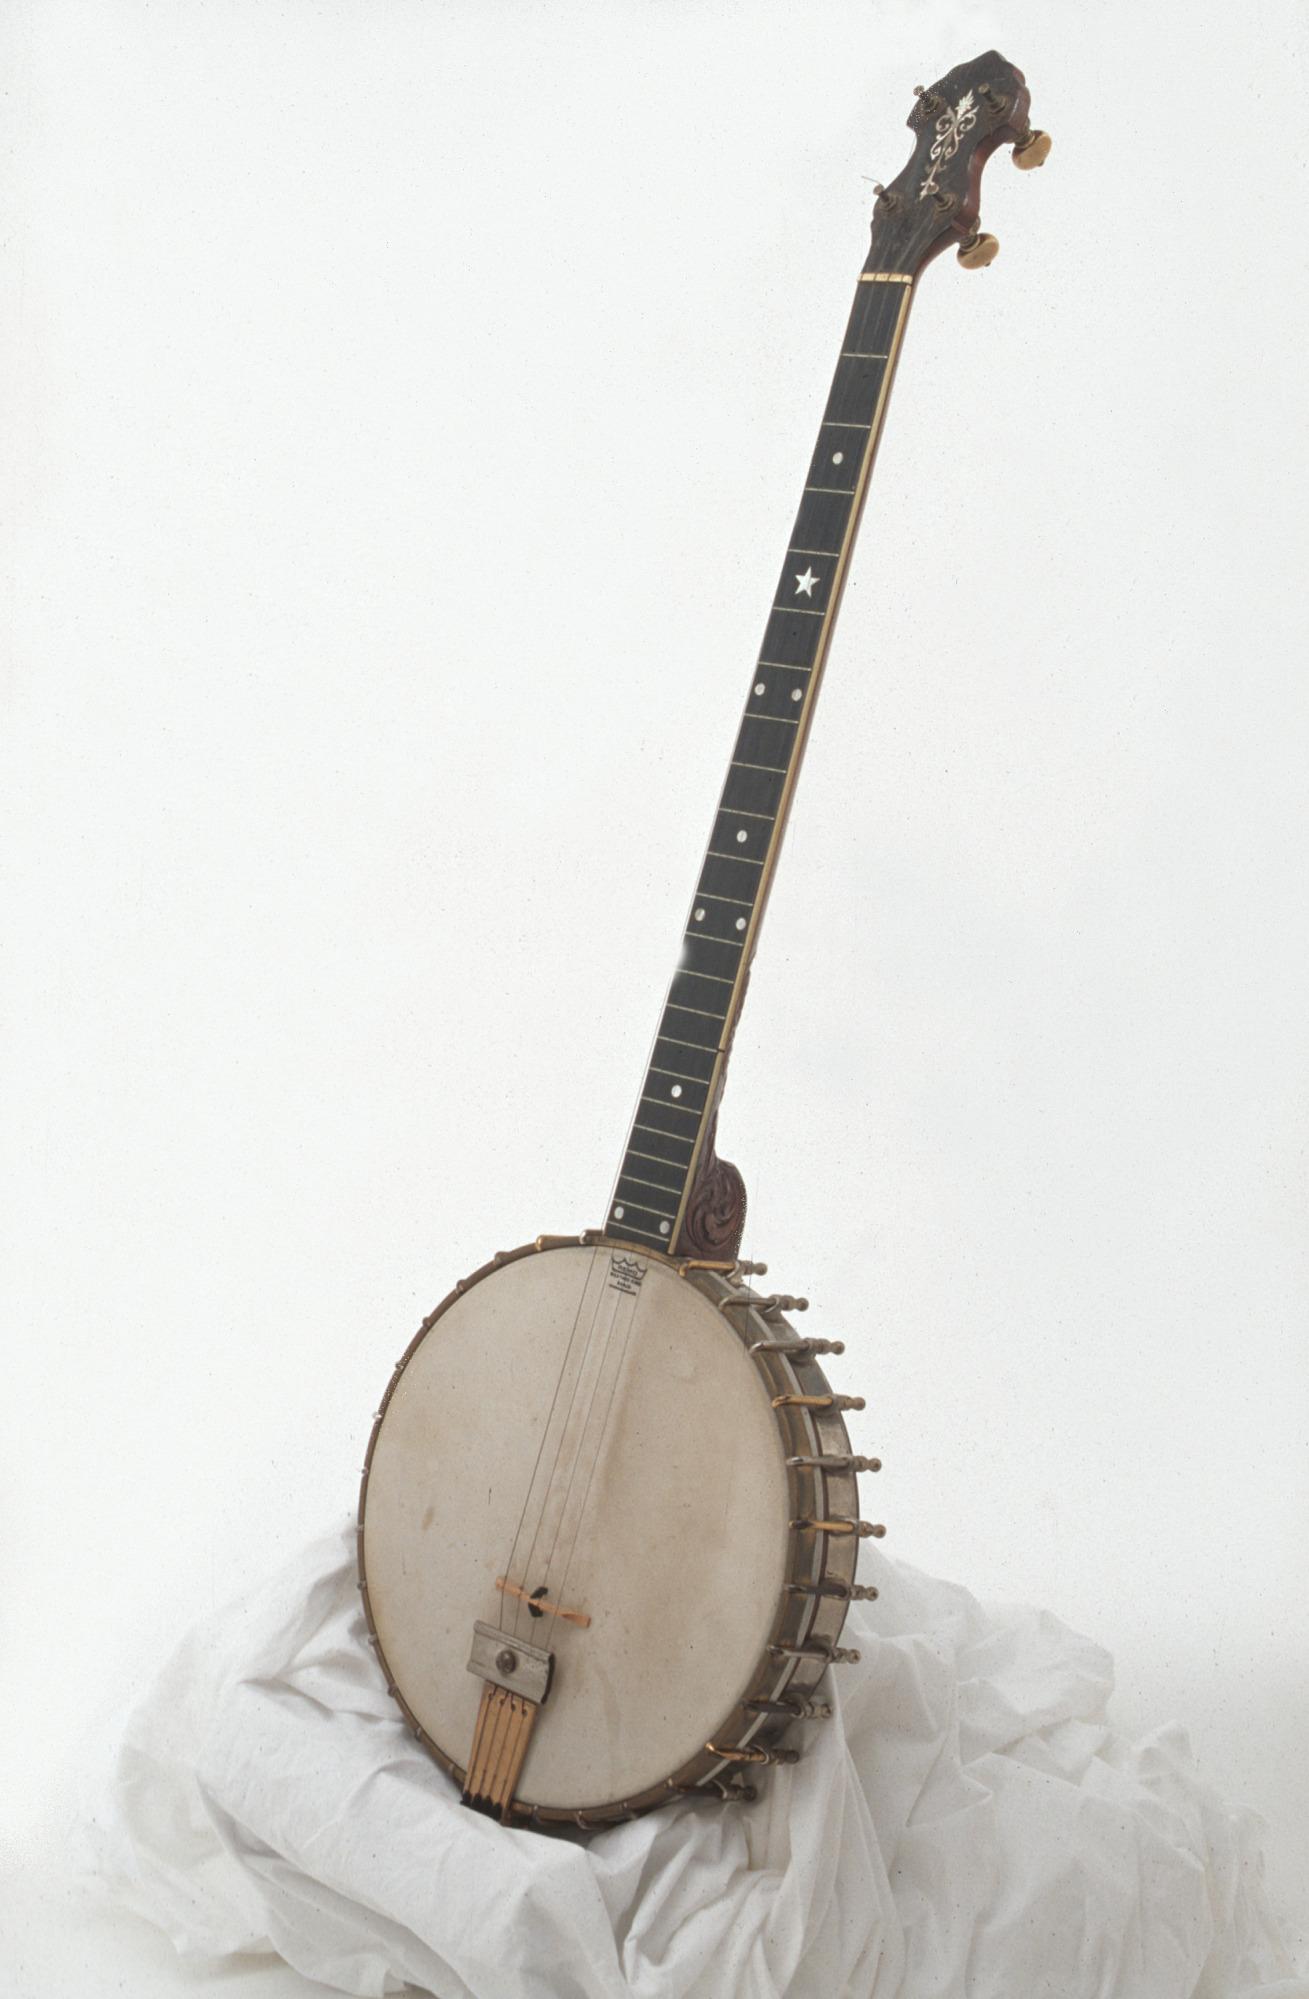 Image 1 for Vega Tu-ba-phone Banjo